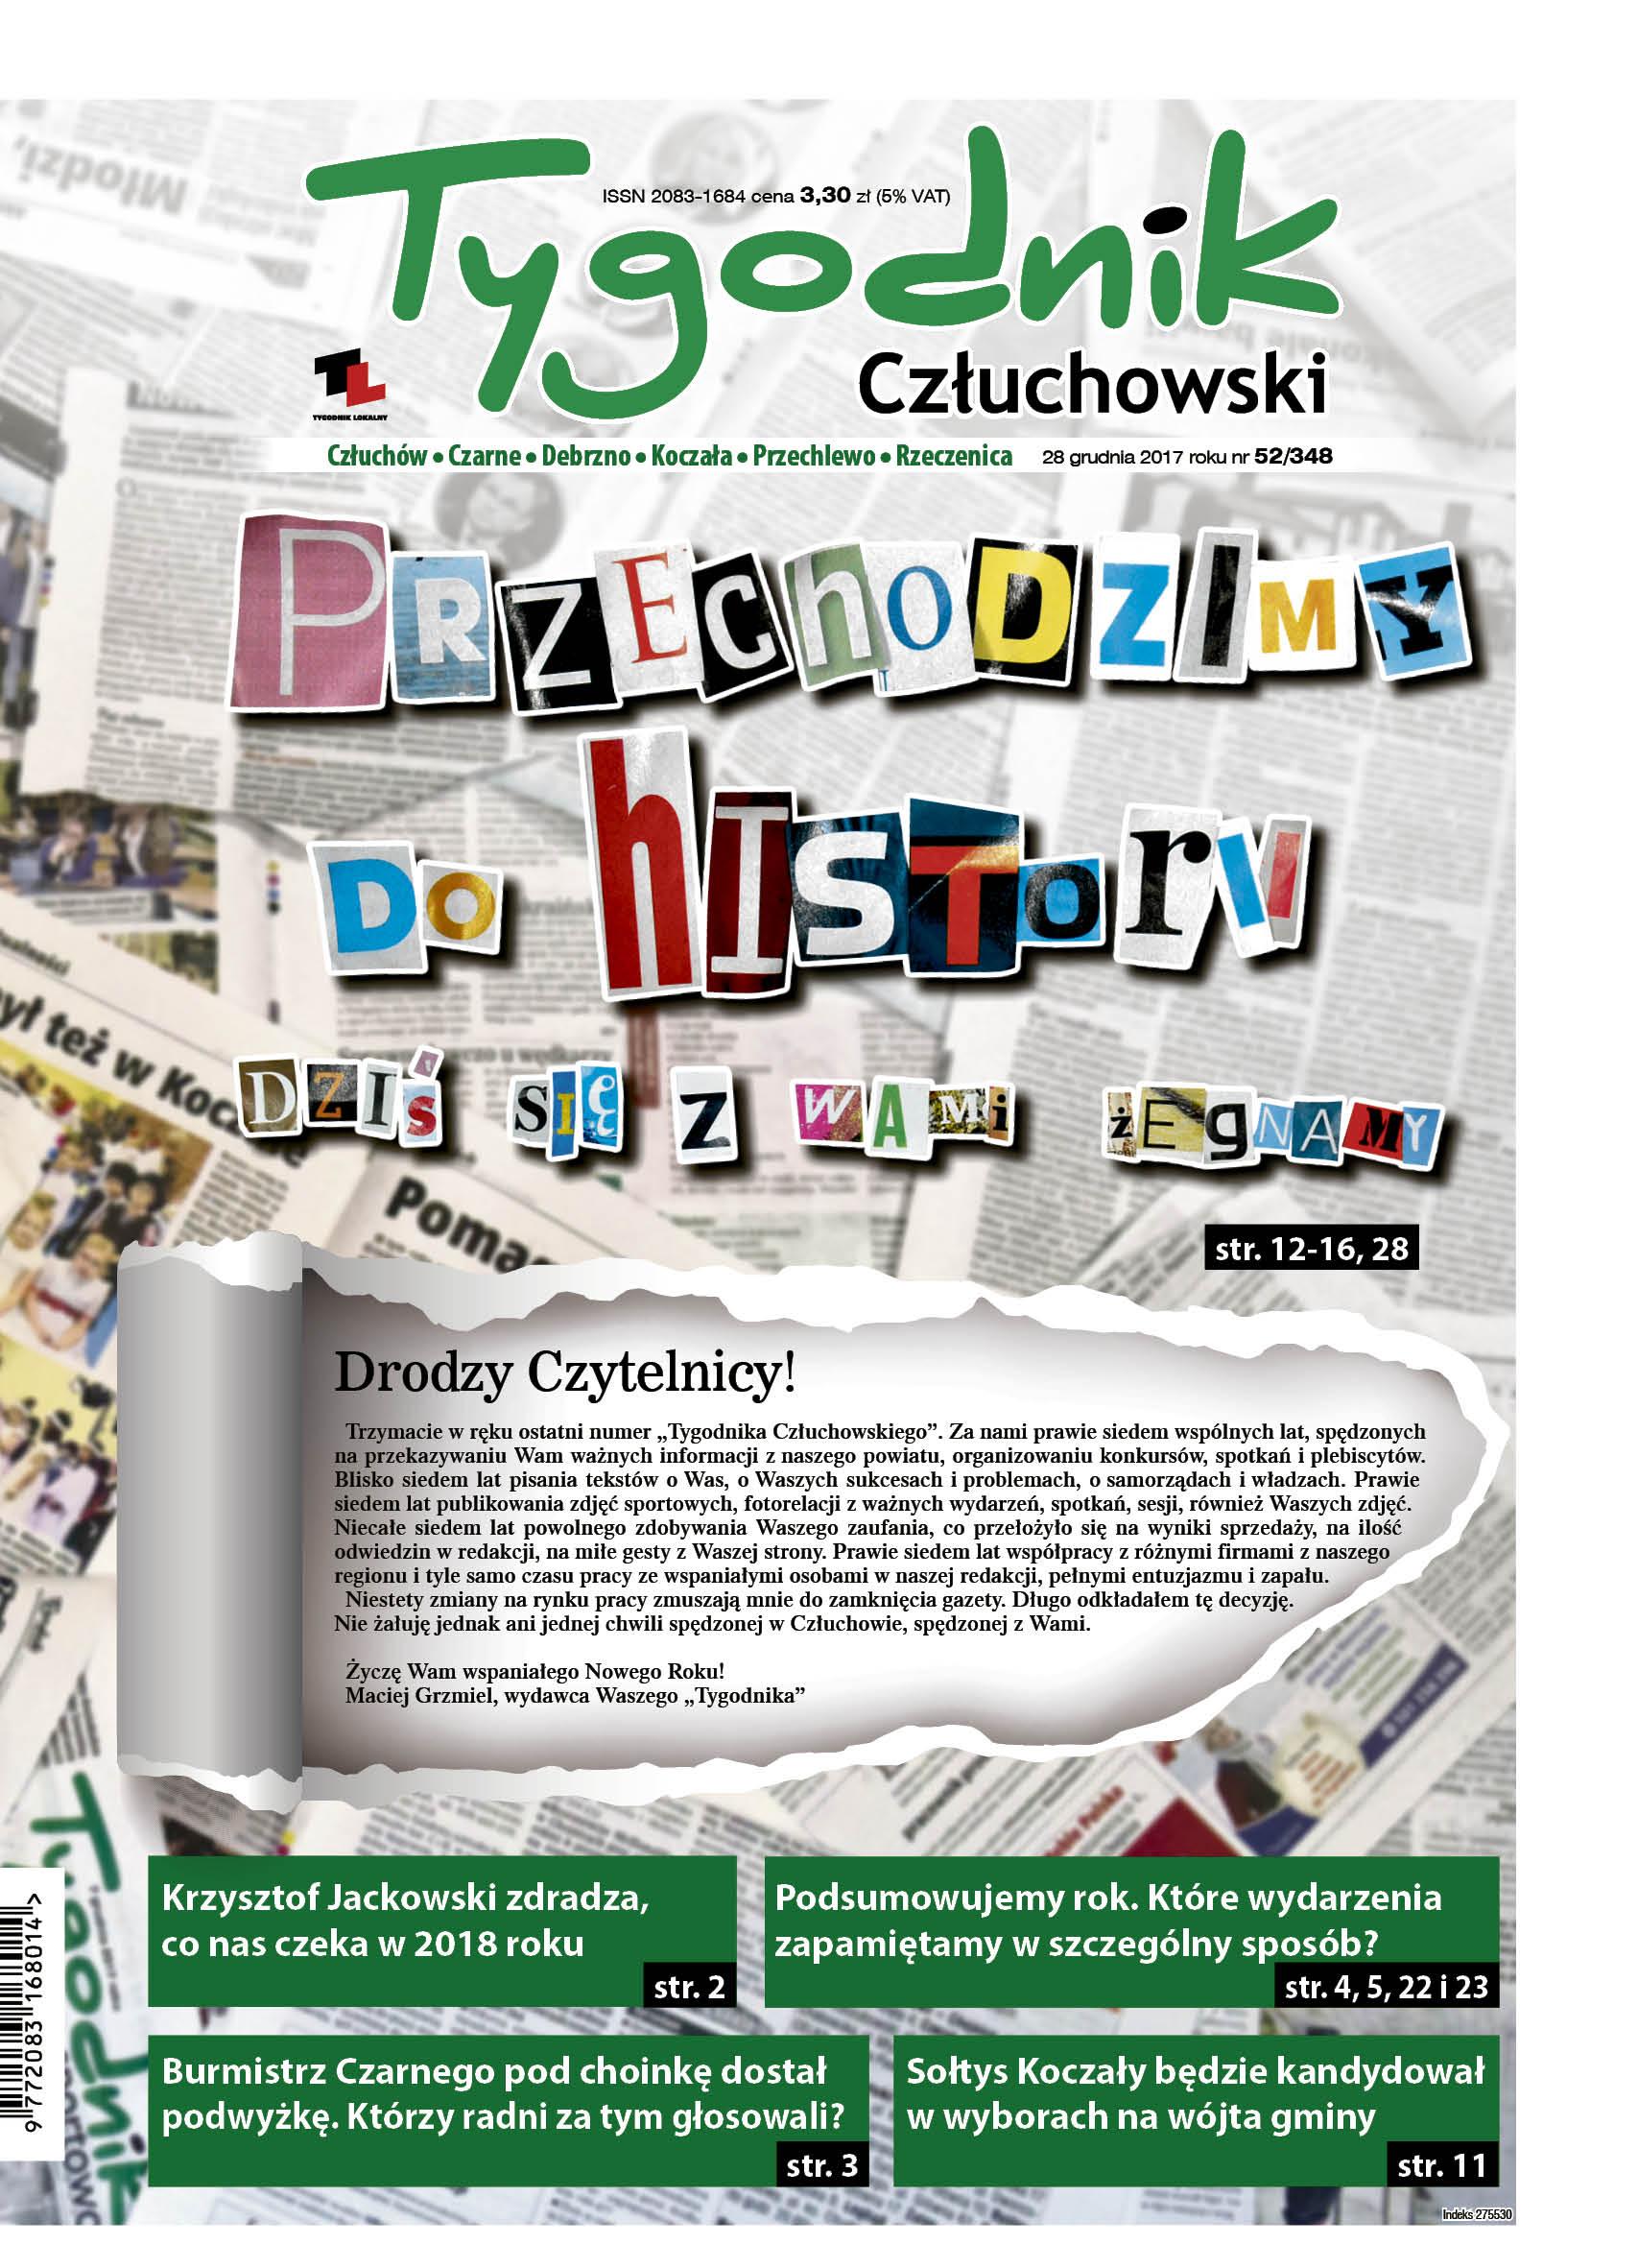 tygodnik-czluchowski